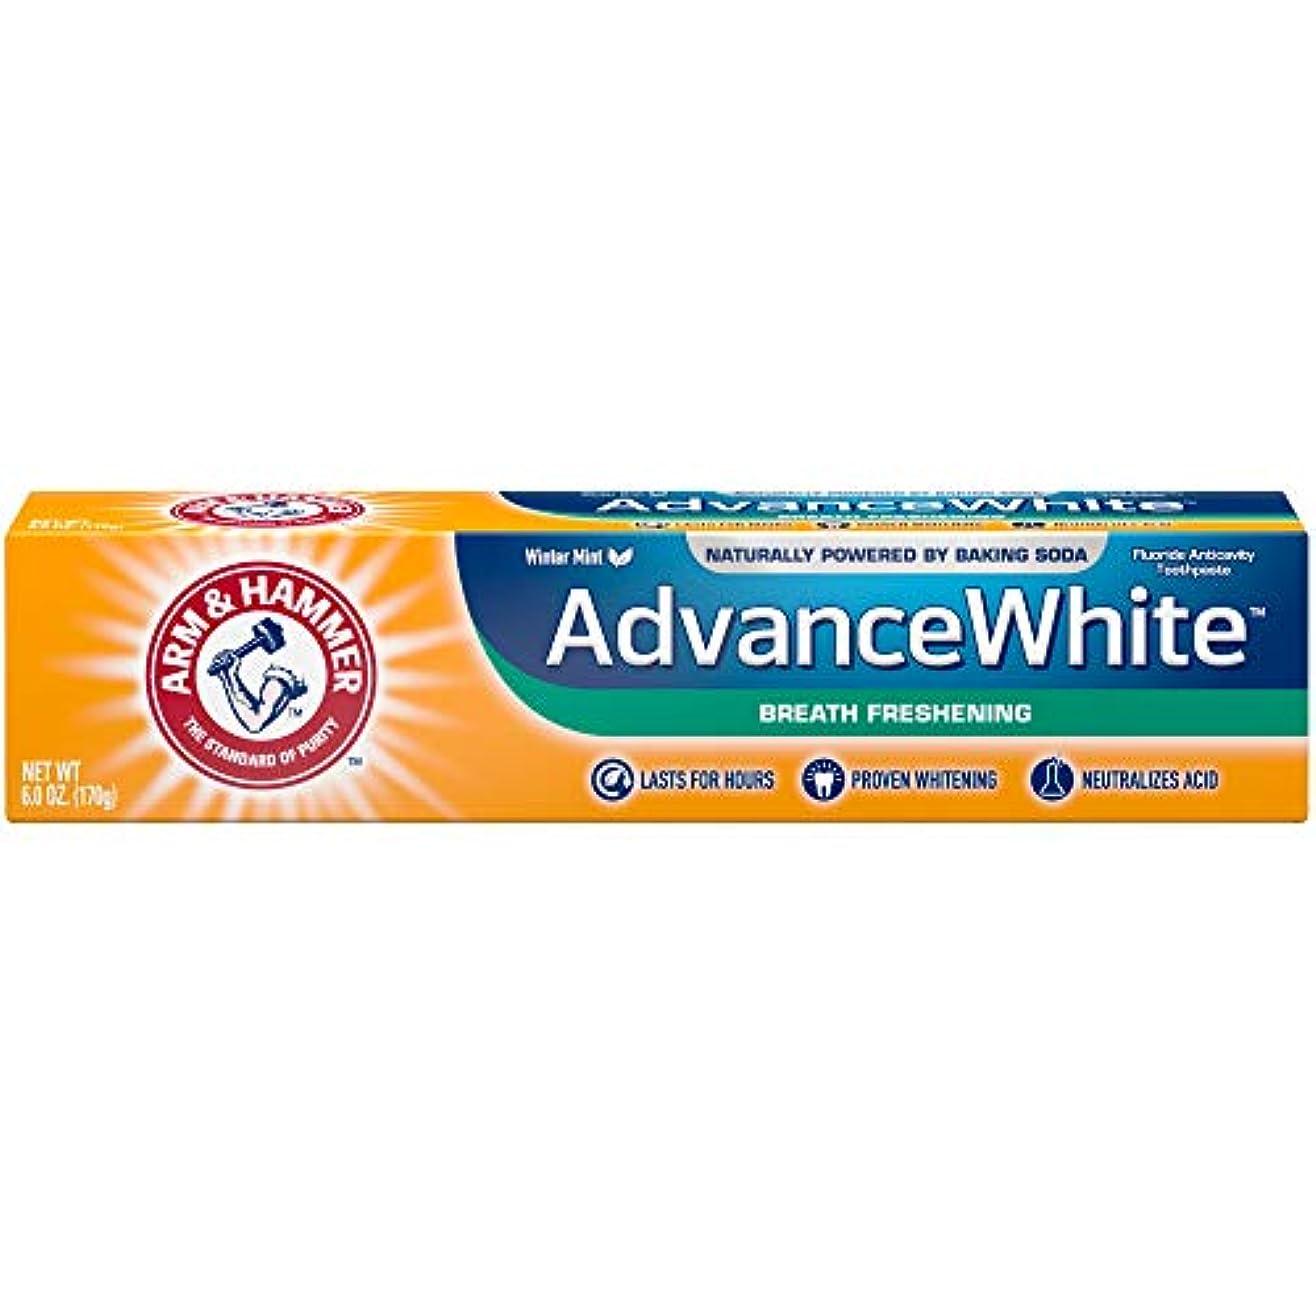 復活する卒業葬儀アーム&ハマー アドバンス ホワイト 歯磨き粉 ブレス フレッシュニング 170g Advance White Breath Freshing Baking Soda & Frosted Mint